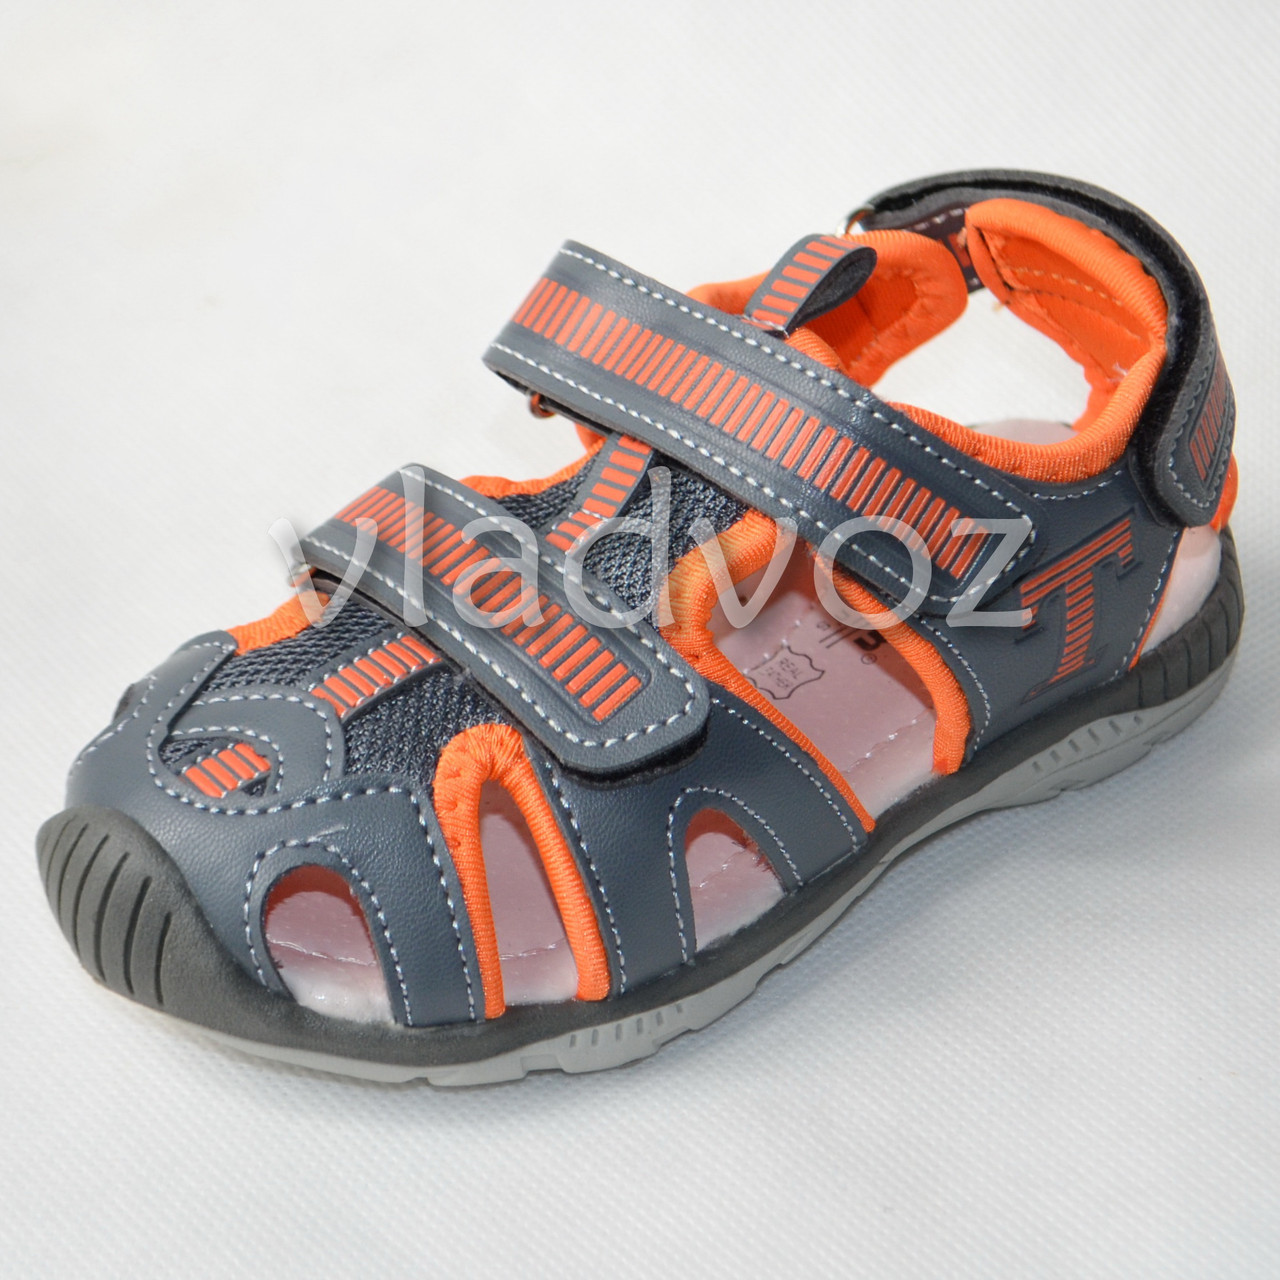 Босоножки сандалии для мальчика на мальчиков мальчику Tom.M оранж Спорт 28р.